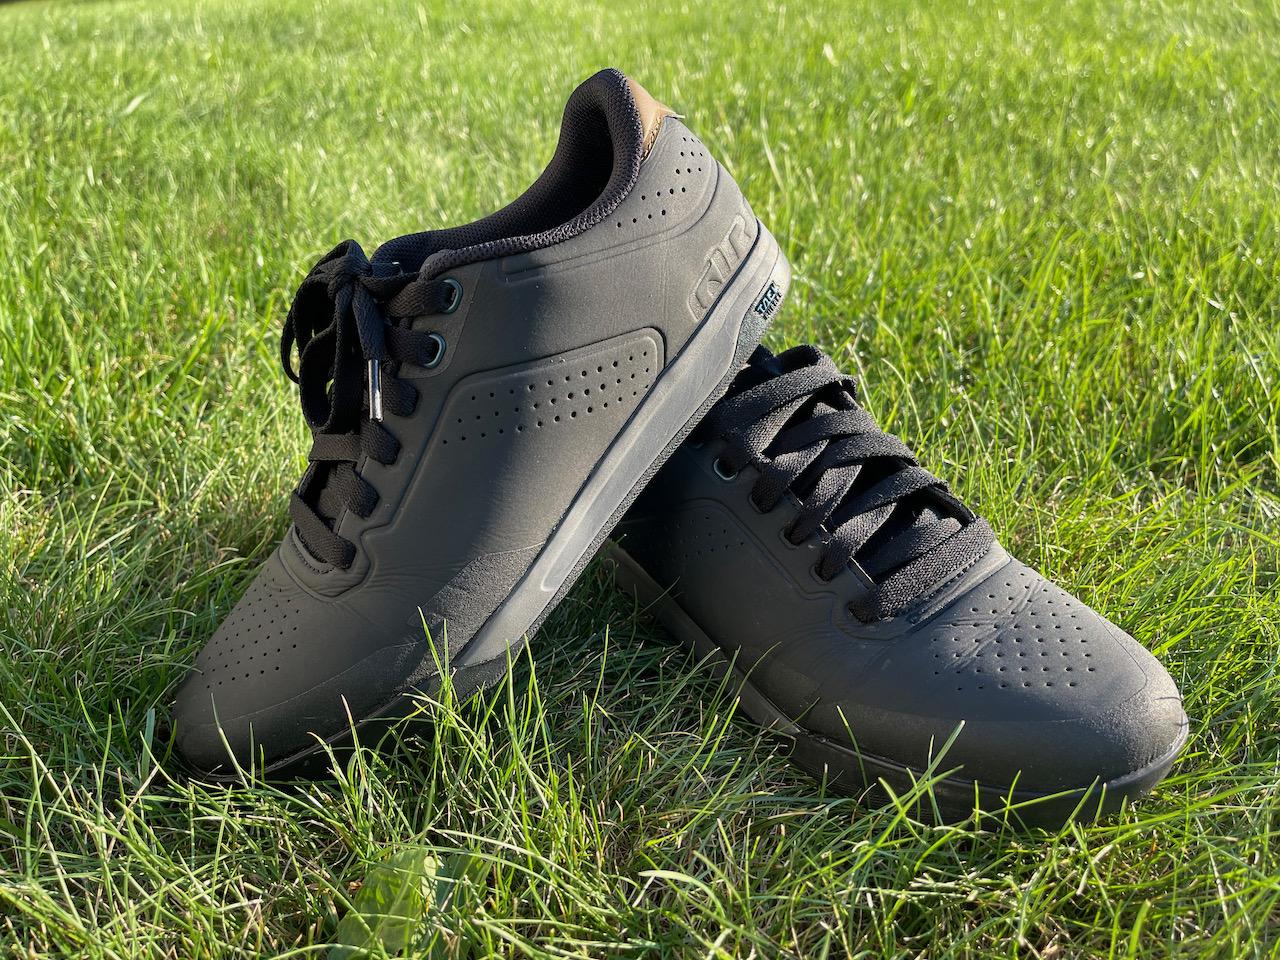 Giro Latch MTB shoes